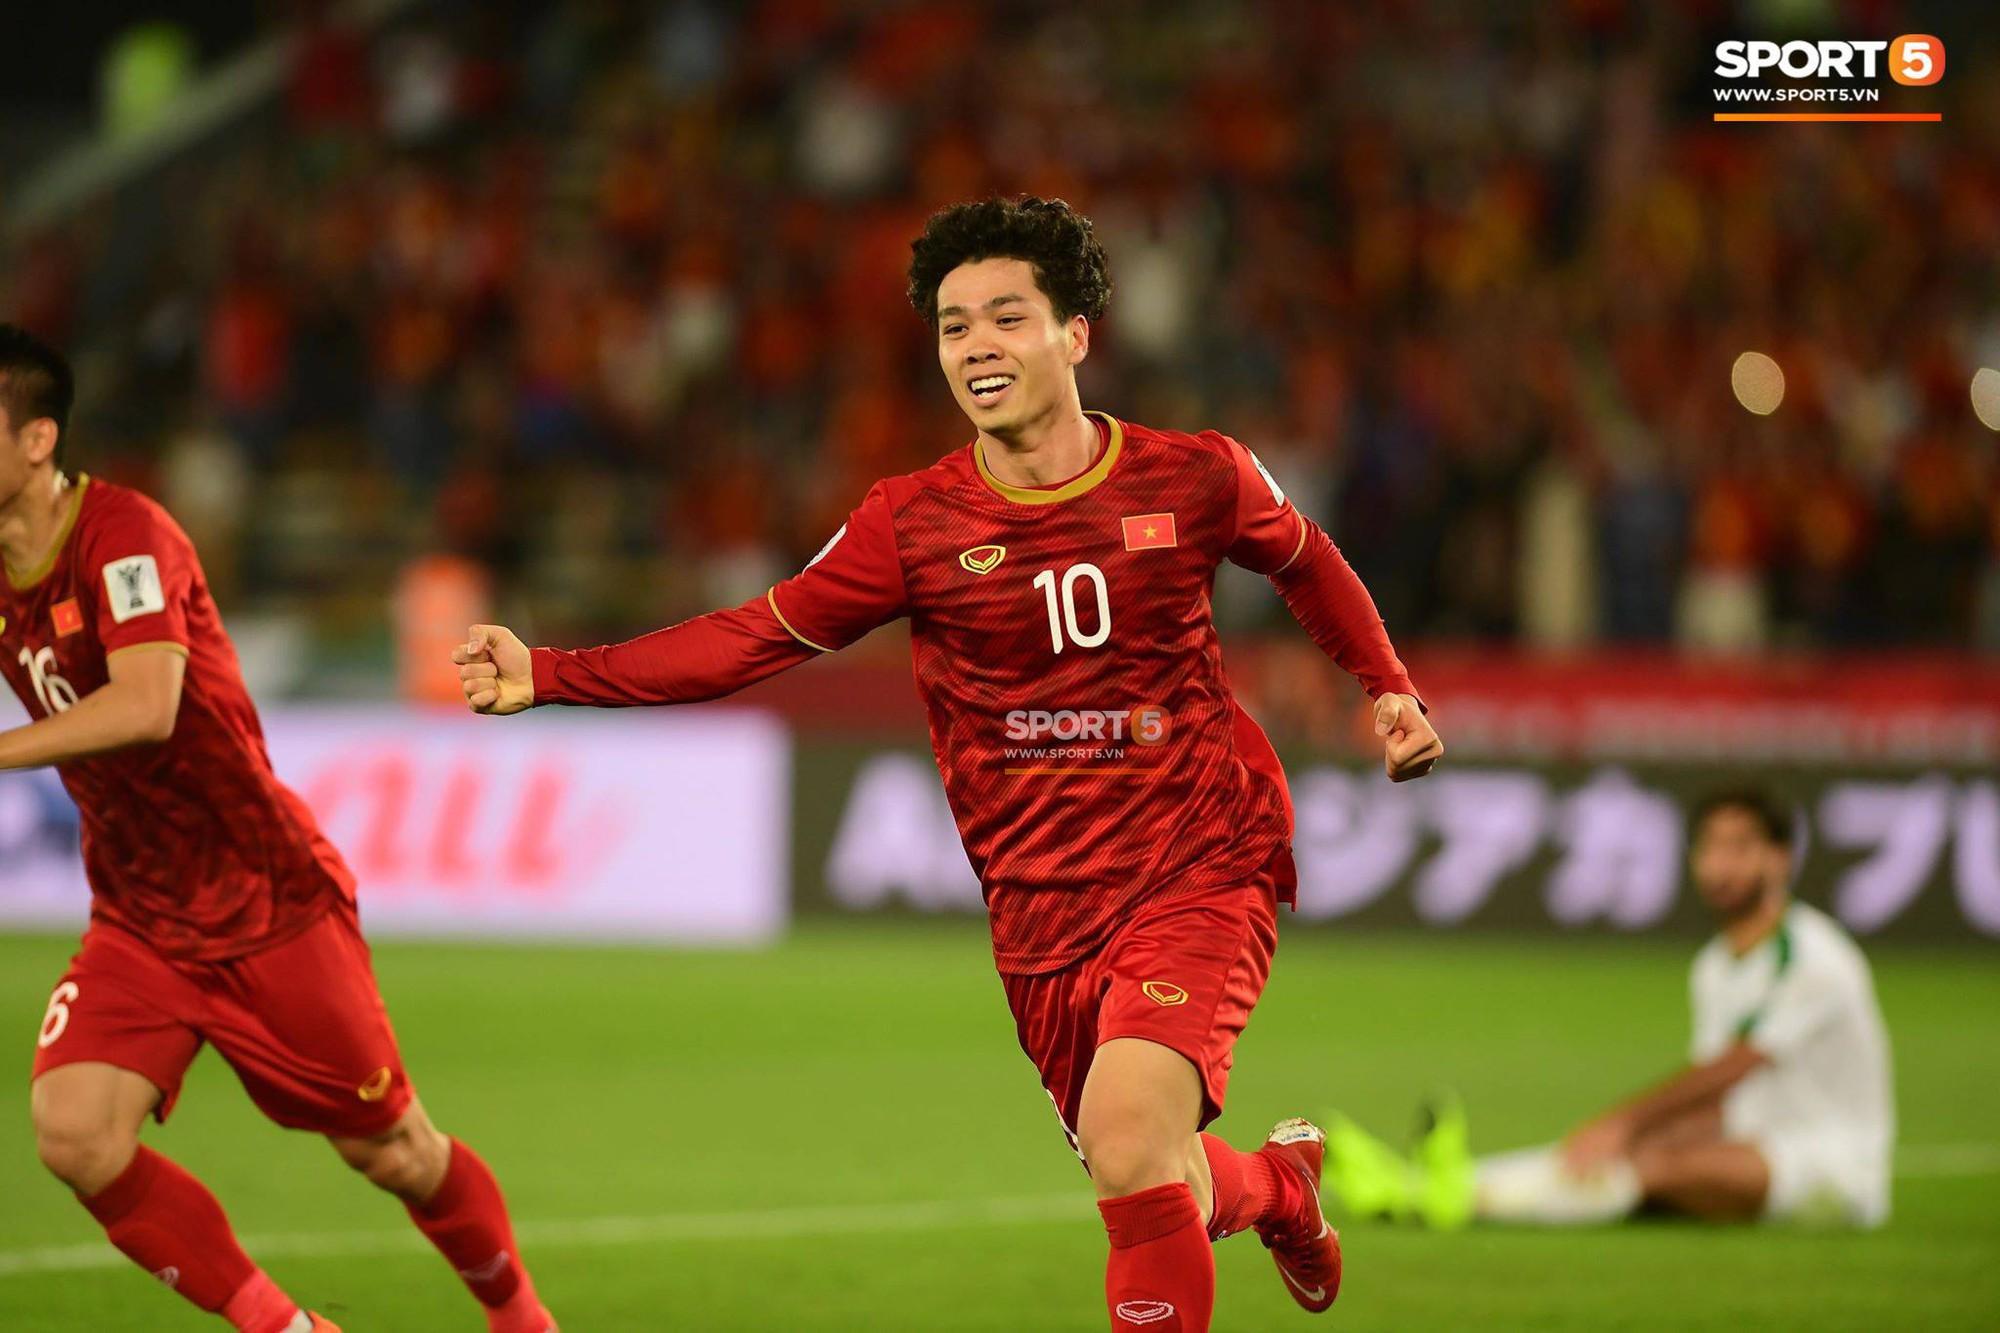 Báo châu Á: Trận đấu của Việt Nam sẽ công bằng hơn nếu không có tình huống đá phạt - Ảnh 3.